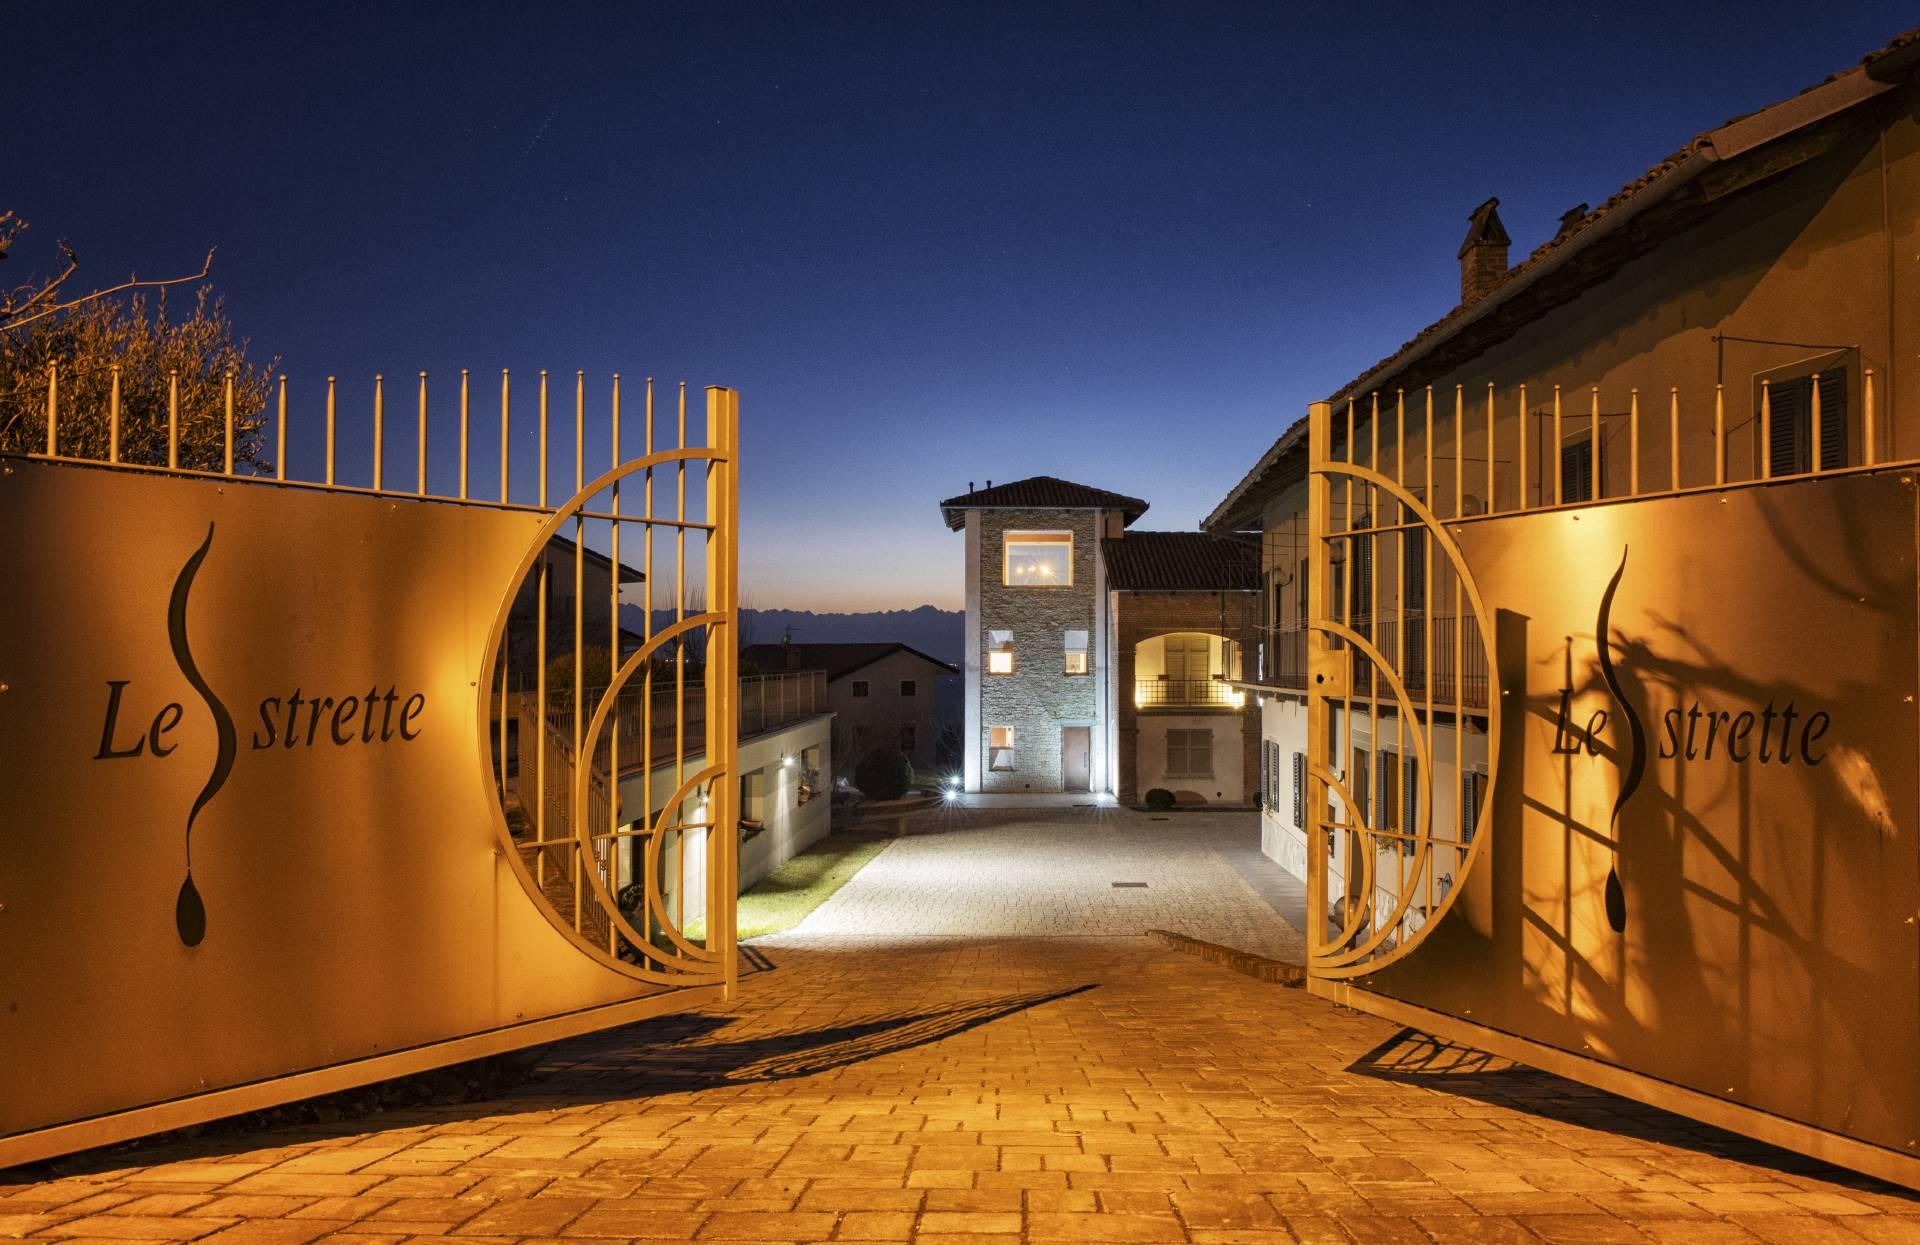 Le Strette Vini - Ingresso in Azienda